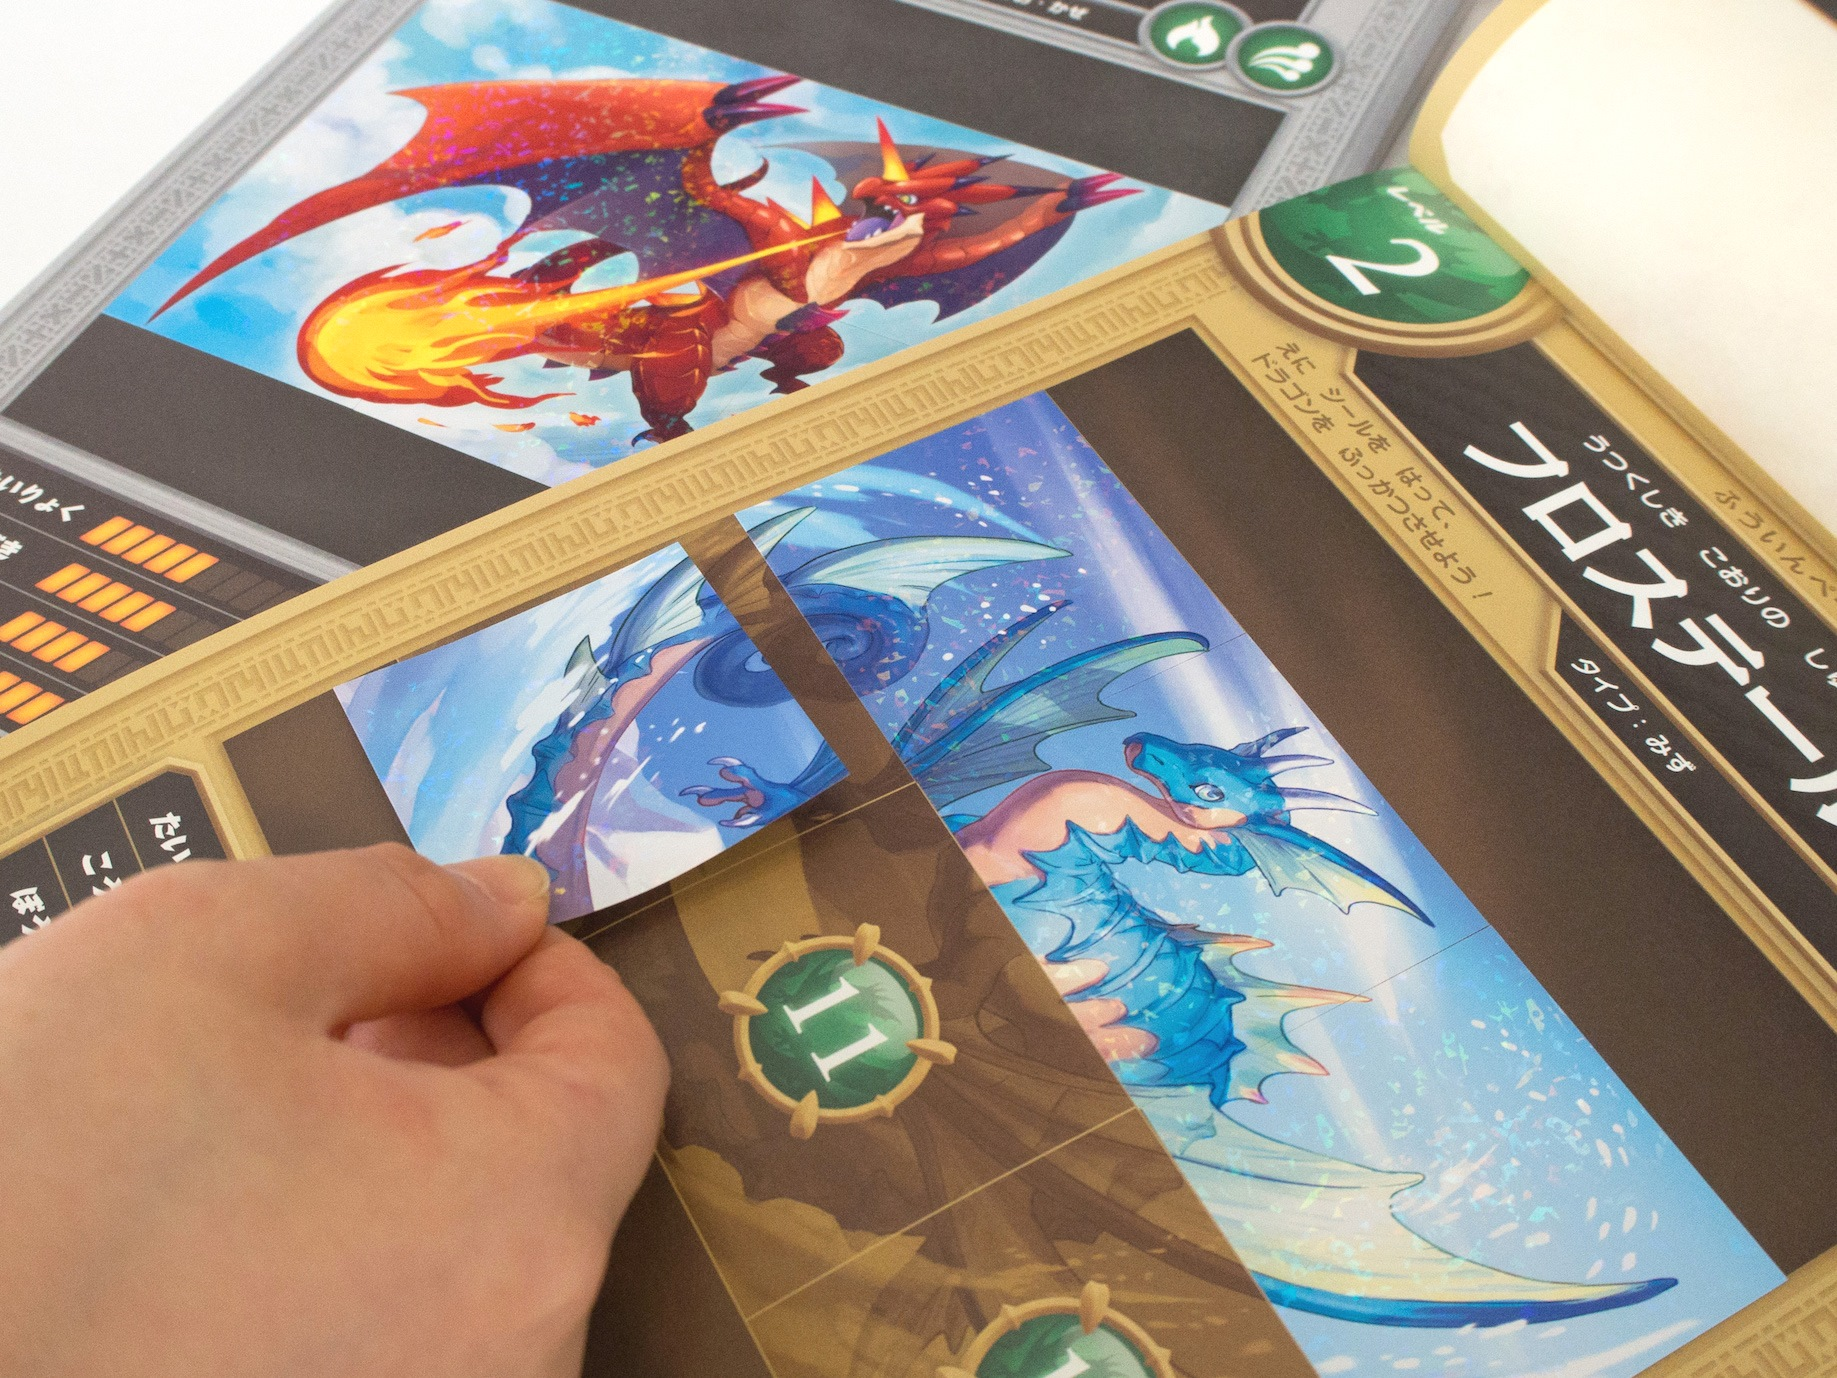 「勉強するたびにシールを貼ると、ドラゴンのイラストが完成する」画像